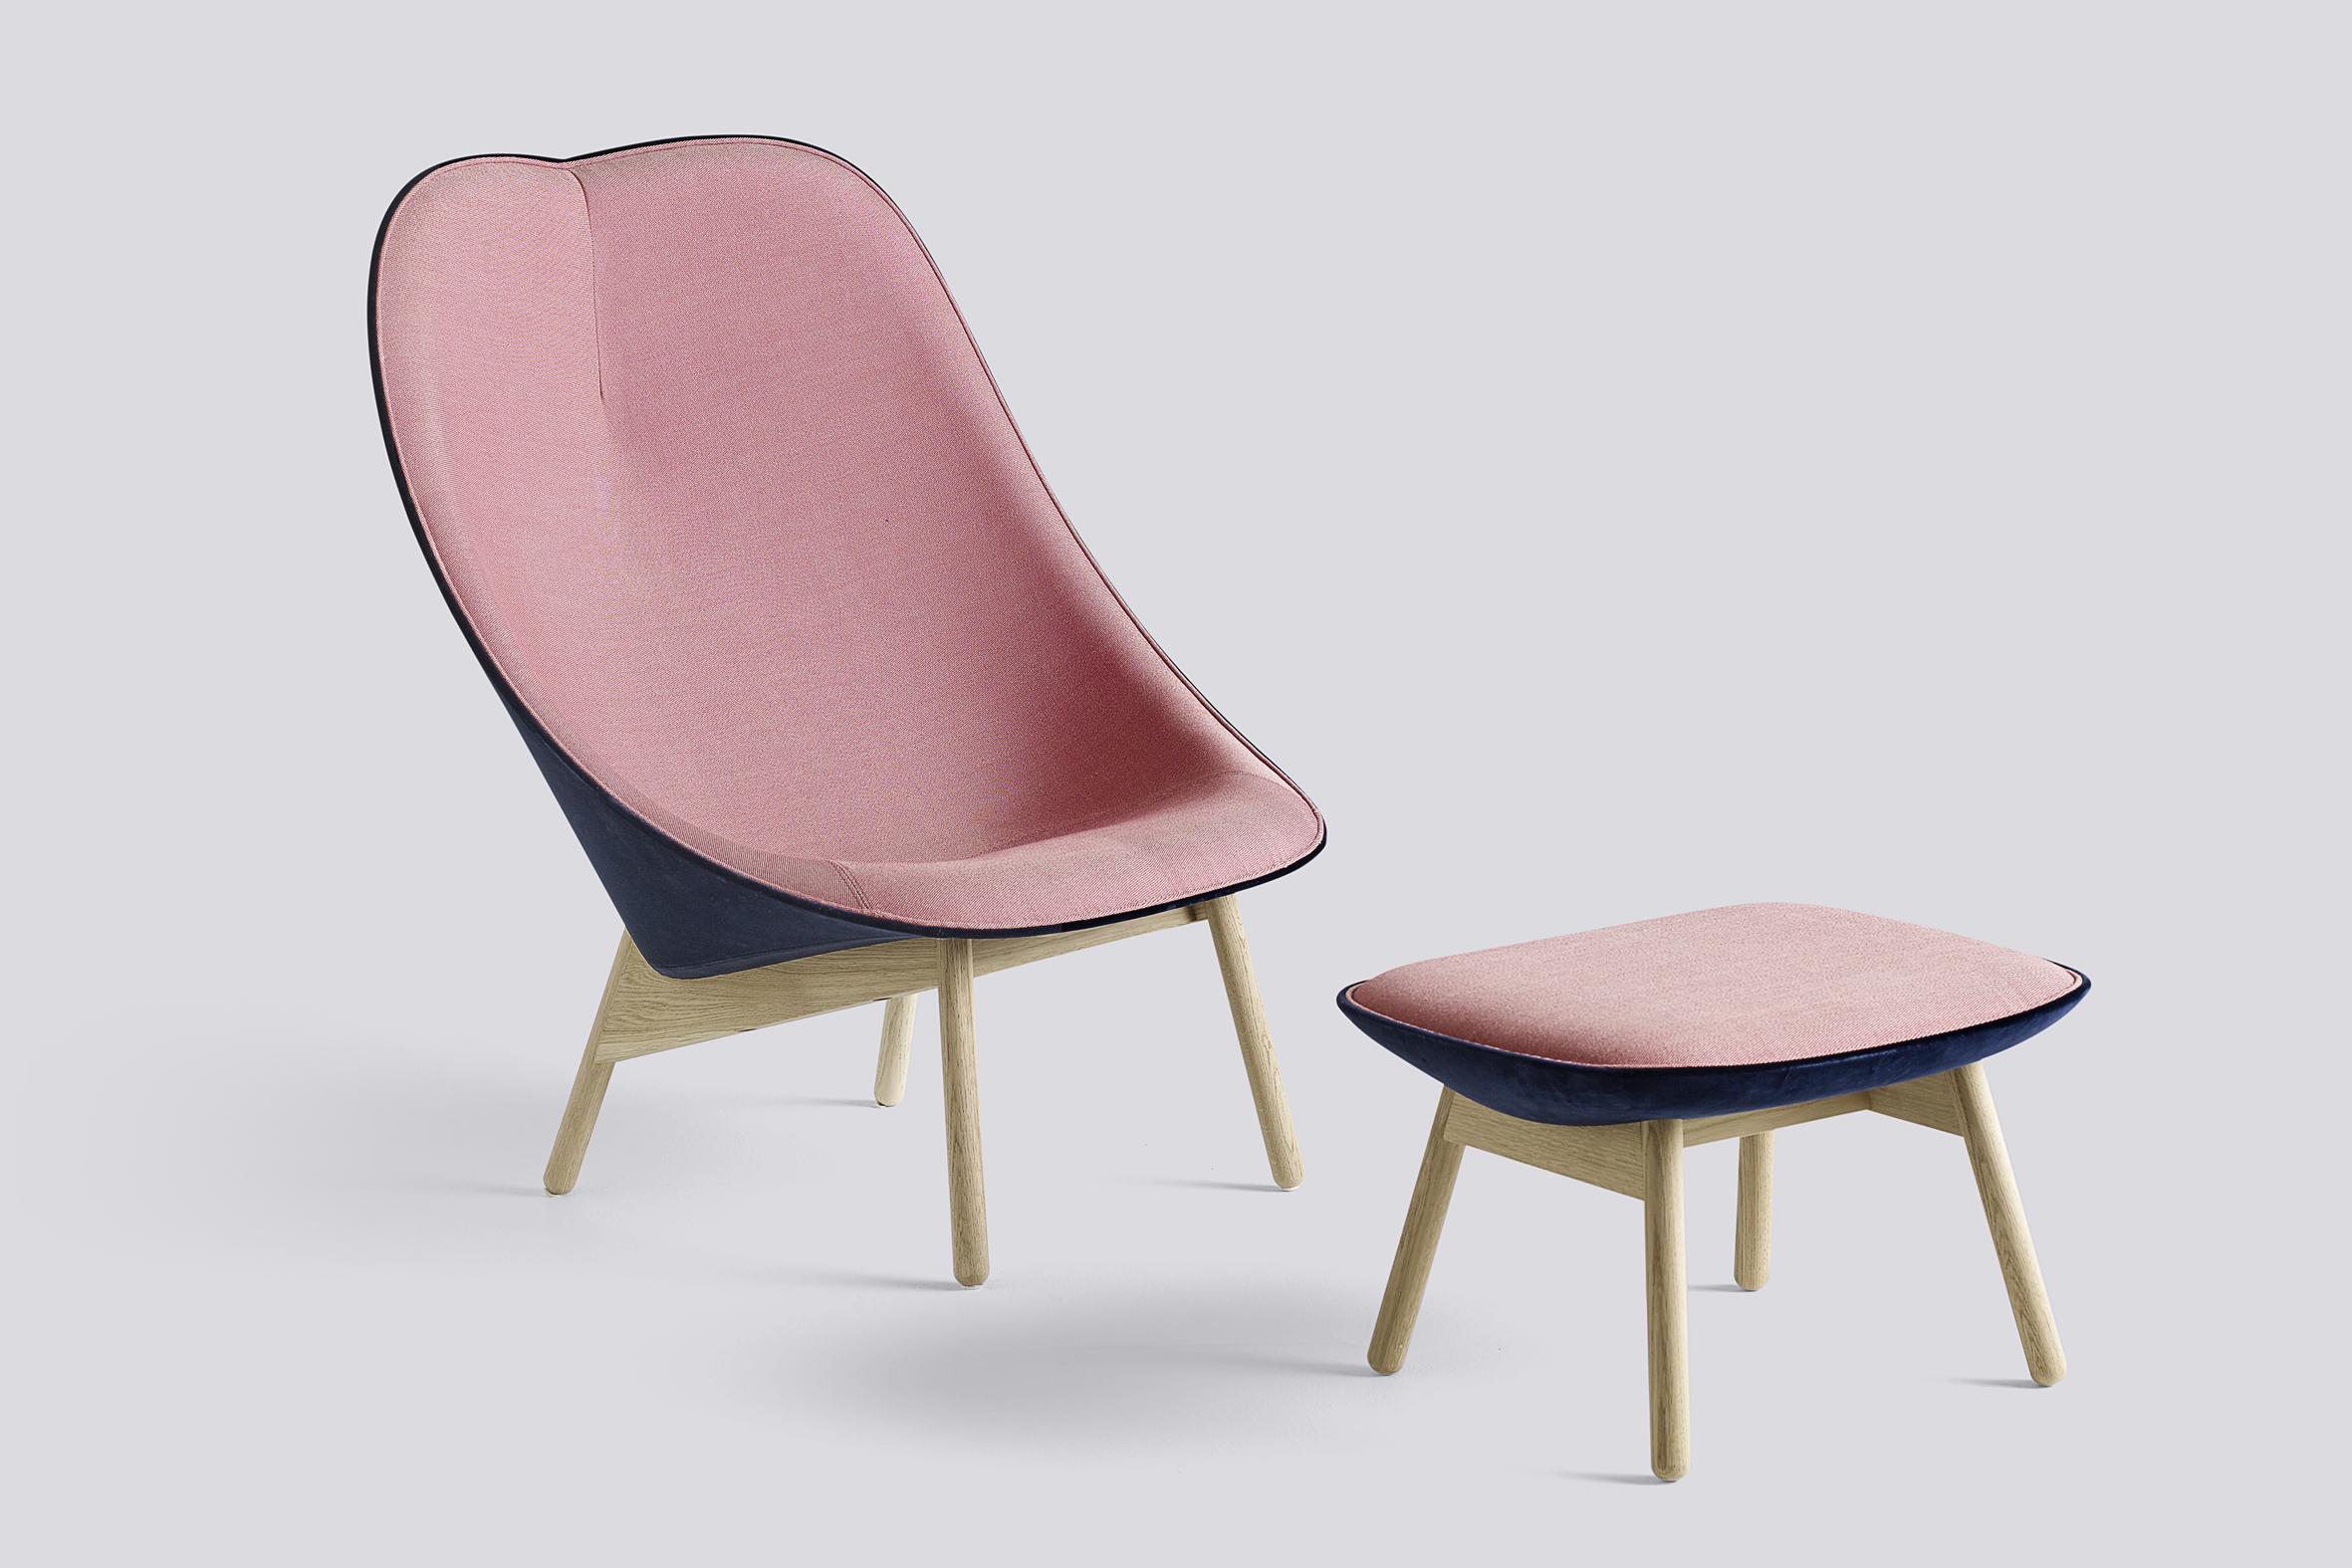 hay uchiwa sessel bruno wickart blog. Black Bedroom Furniture Sets. Home Design Ideas